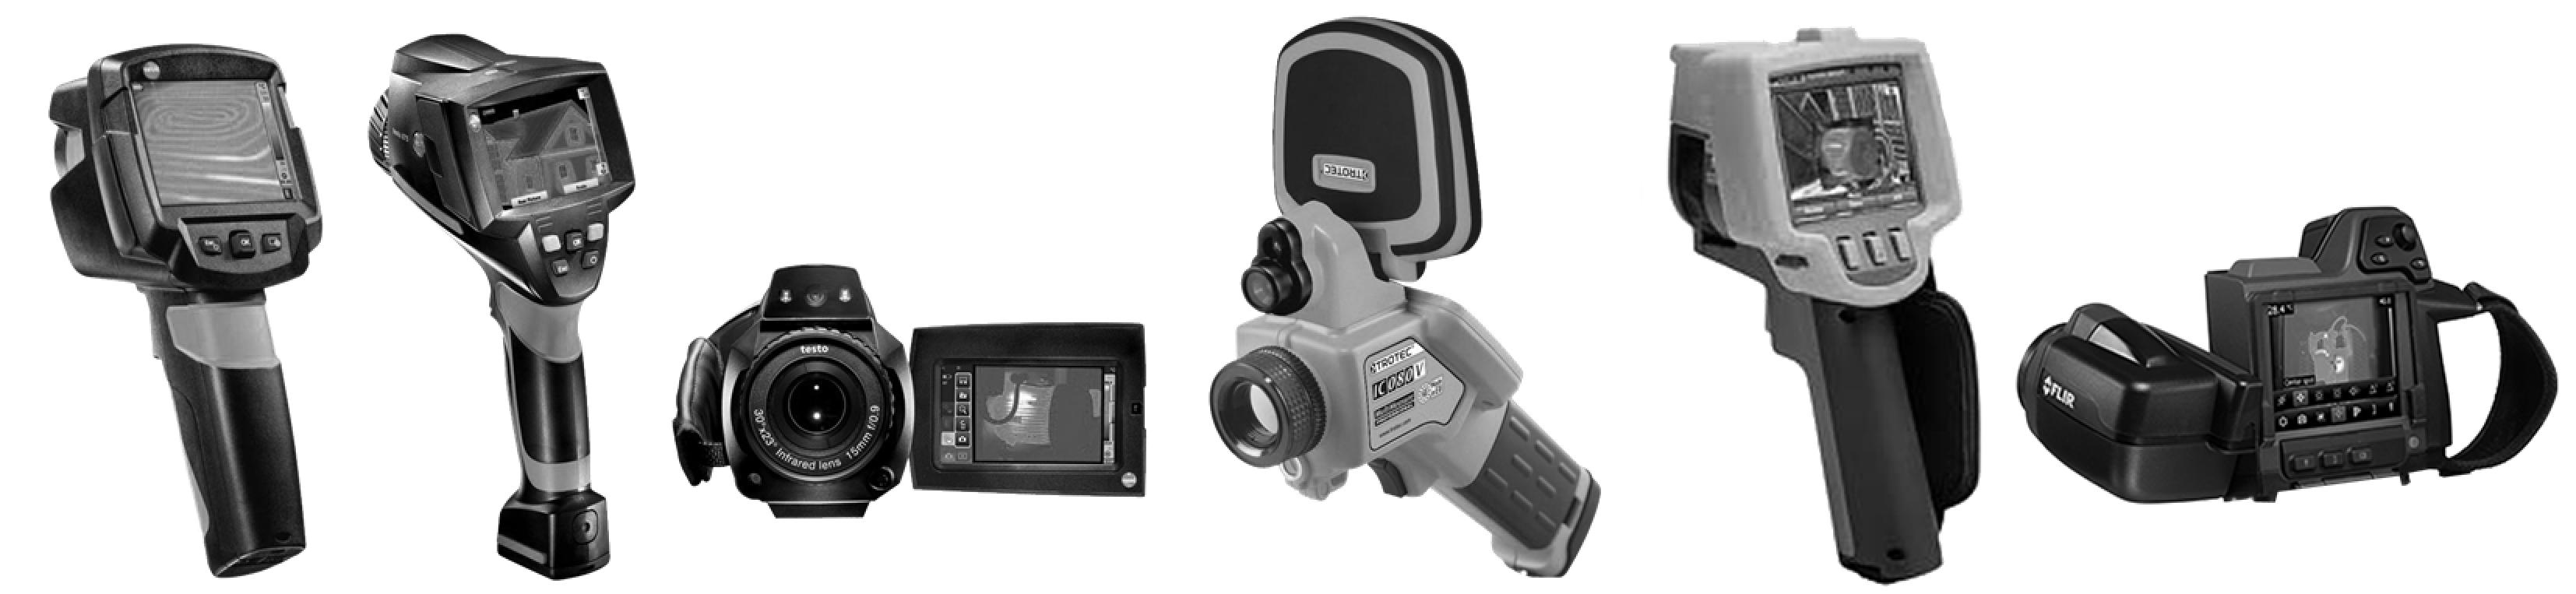 Thermografiekameras